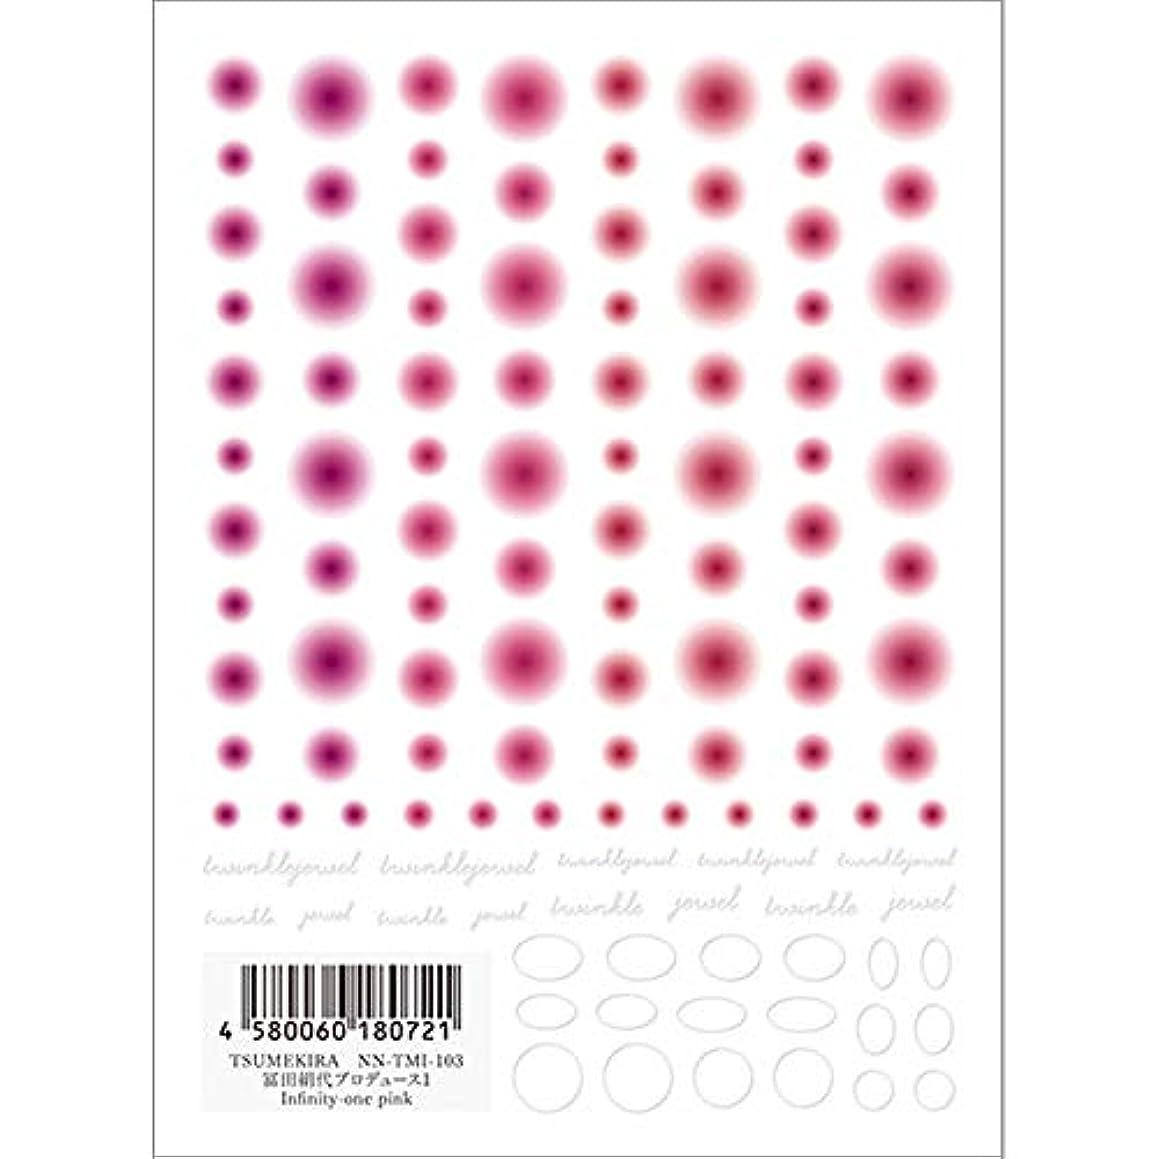 極めて回転する挨拶TSUMEKIRA(ツメキラ) ネイルシール 冨田絹代プロデュース1 Infinity-one pink NN-TMI-103